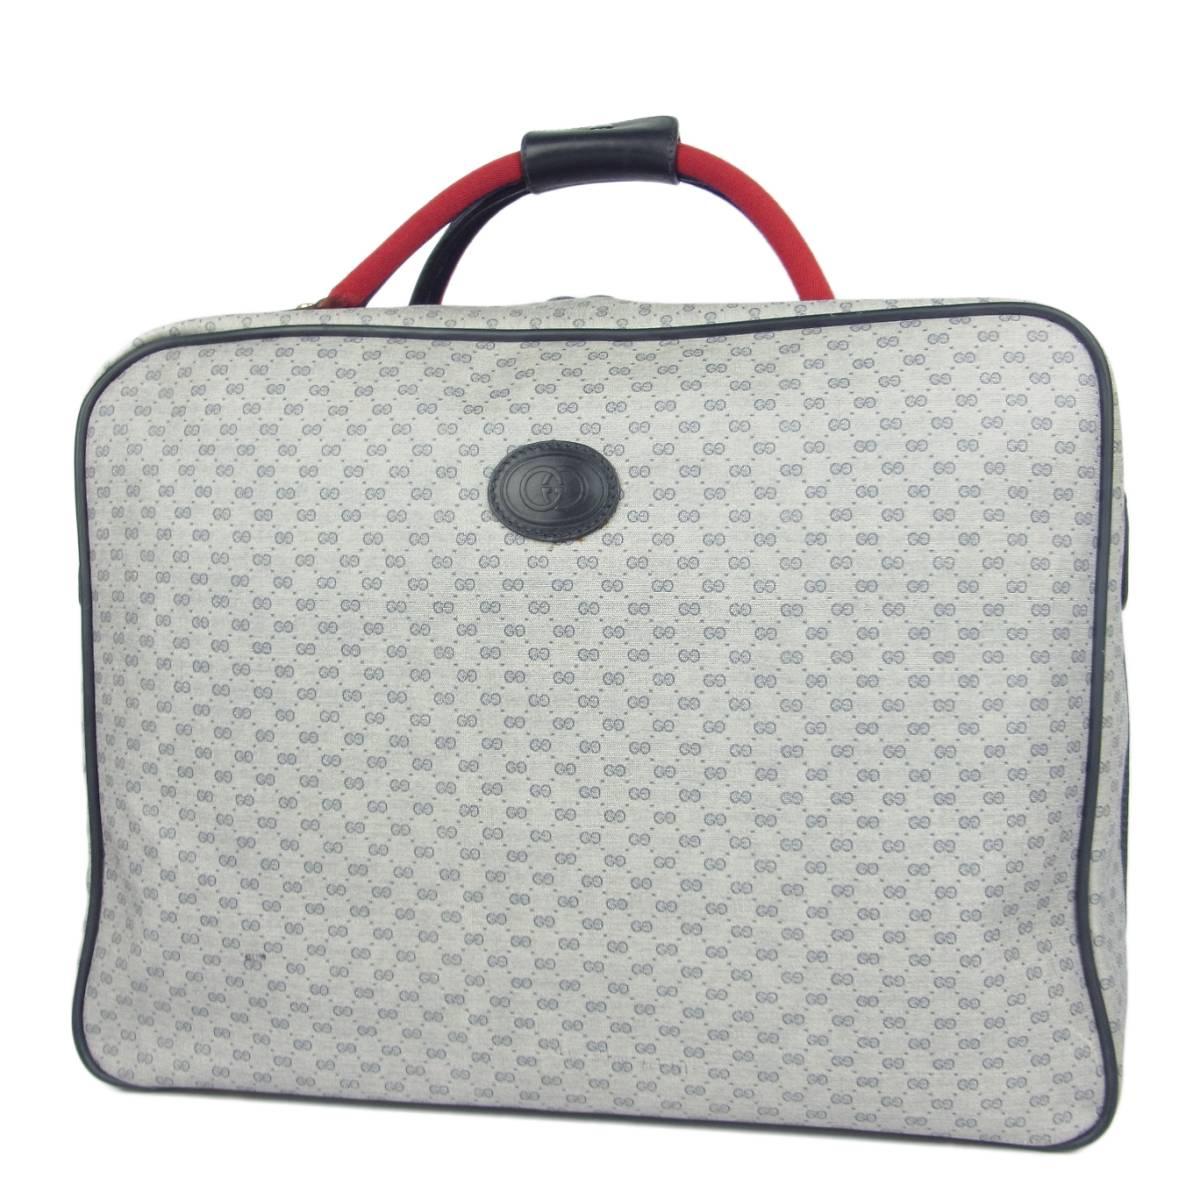 1円 オールド グッチ GUCCI ヴィンテージ 美品 マイクロGG シェリー PVC スーツケース トランク ハンドバッグ 旅行かばん